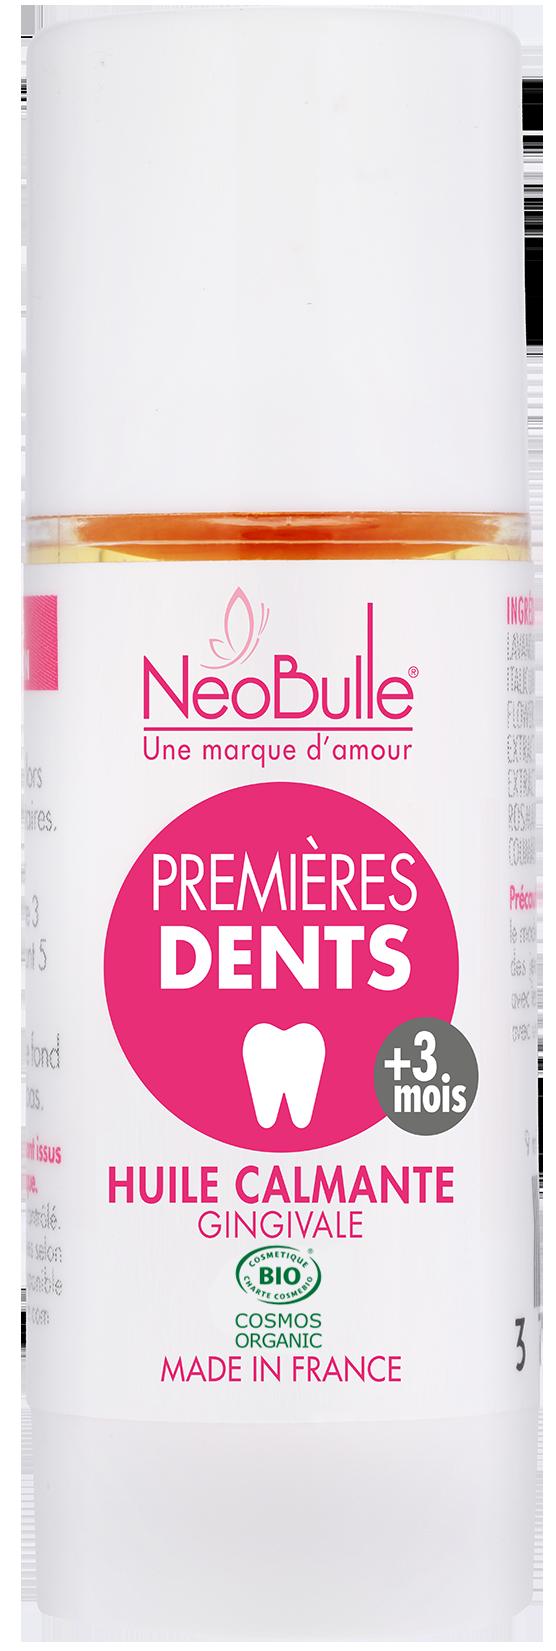 Premières dents, huile calmante gingivale 9 ml